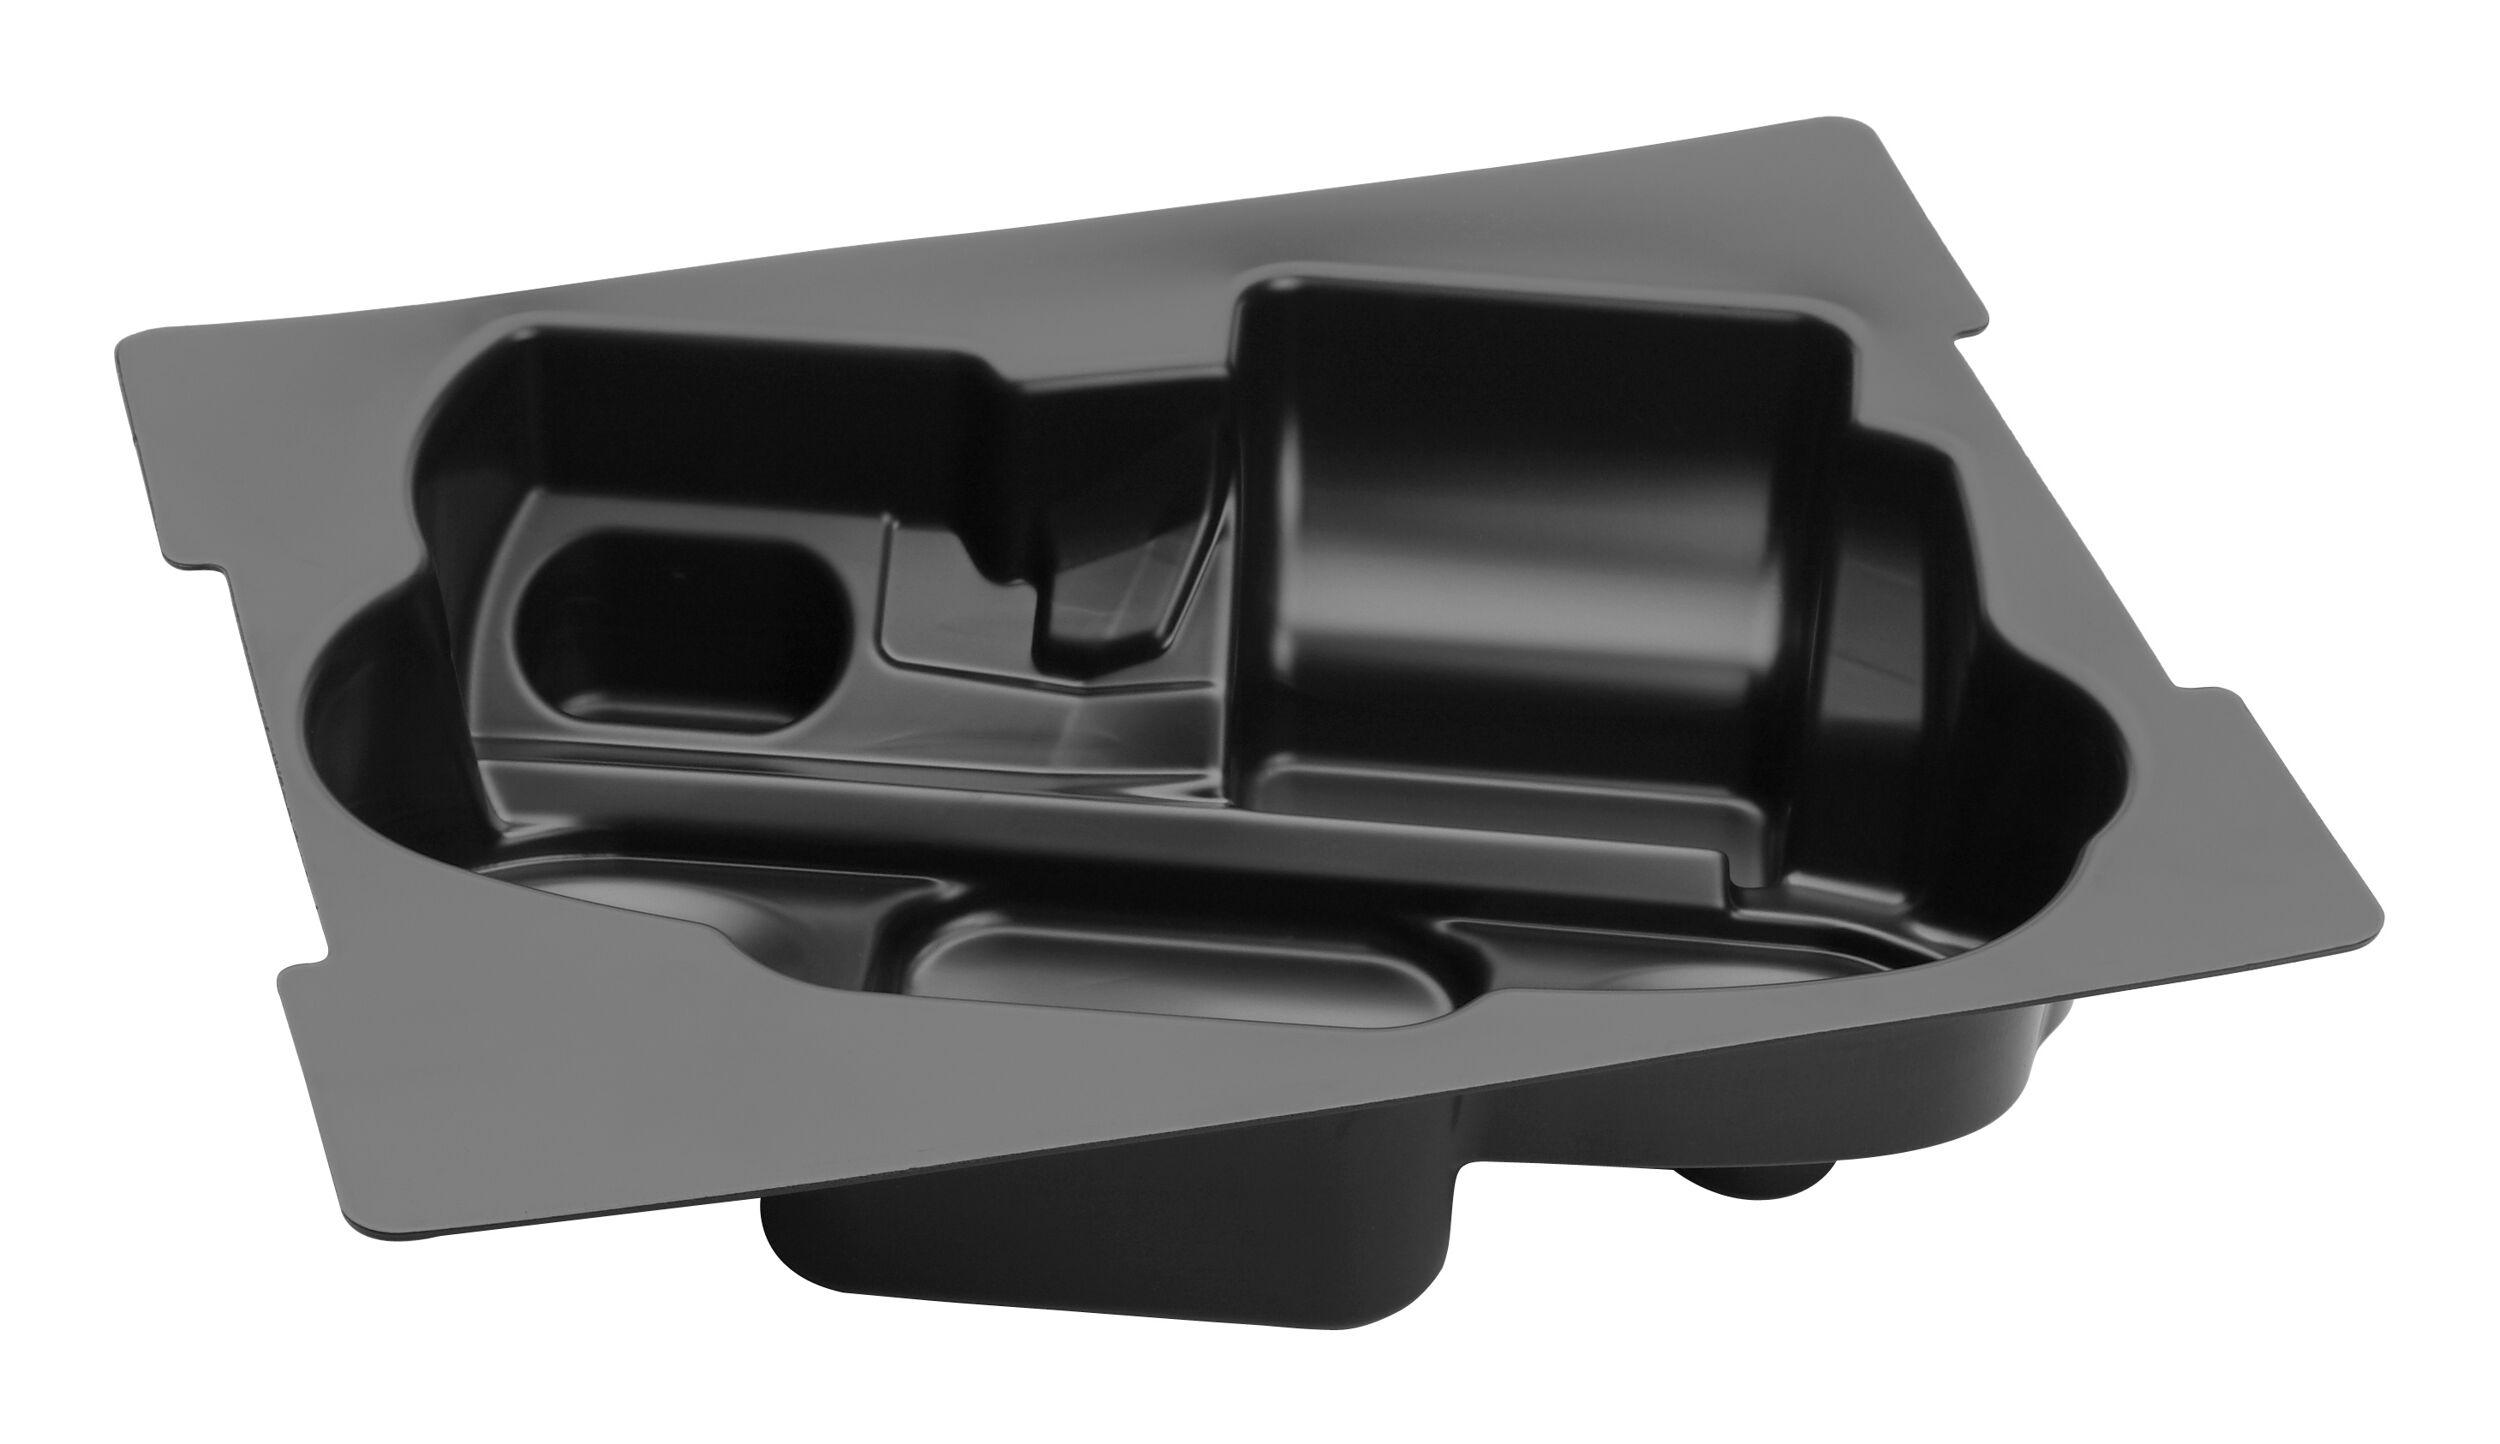 Blau Professional Einlage zur Werkzeugaufbewahrung obere Einlage... 1600A002W7